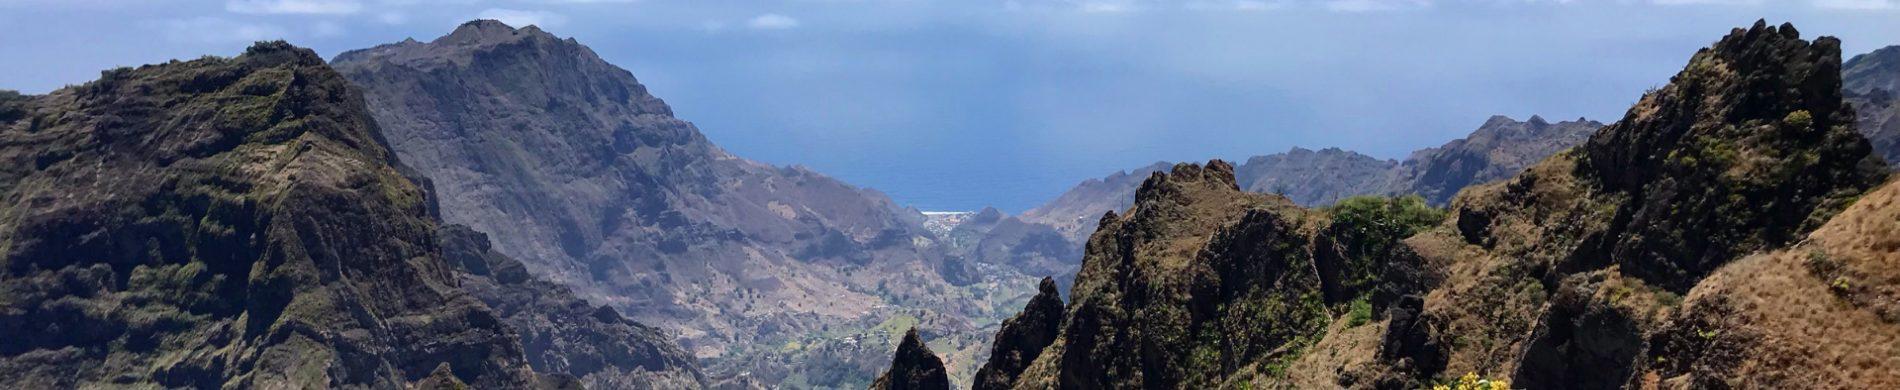 Destination : Cap Vert - Les matins du monde